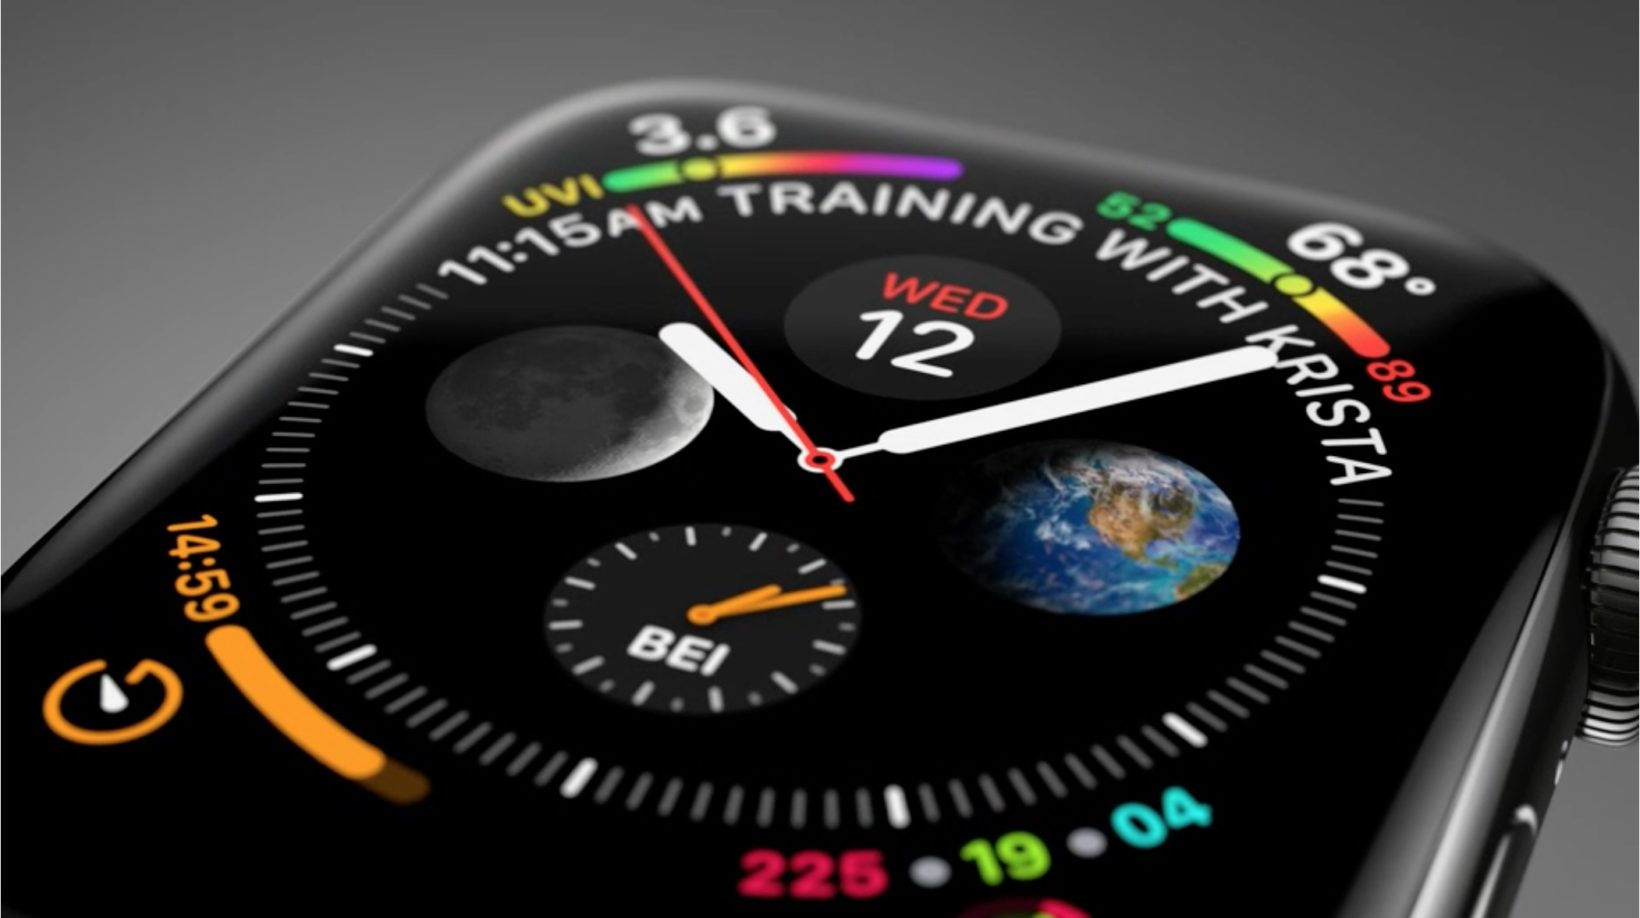 Apple Watch 4 cambio ora - foto il nuovo quadrante attività può bloccarsi con il cambio dell'ora